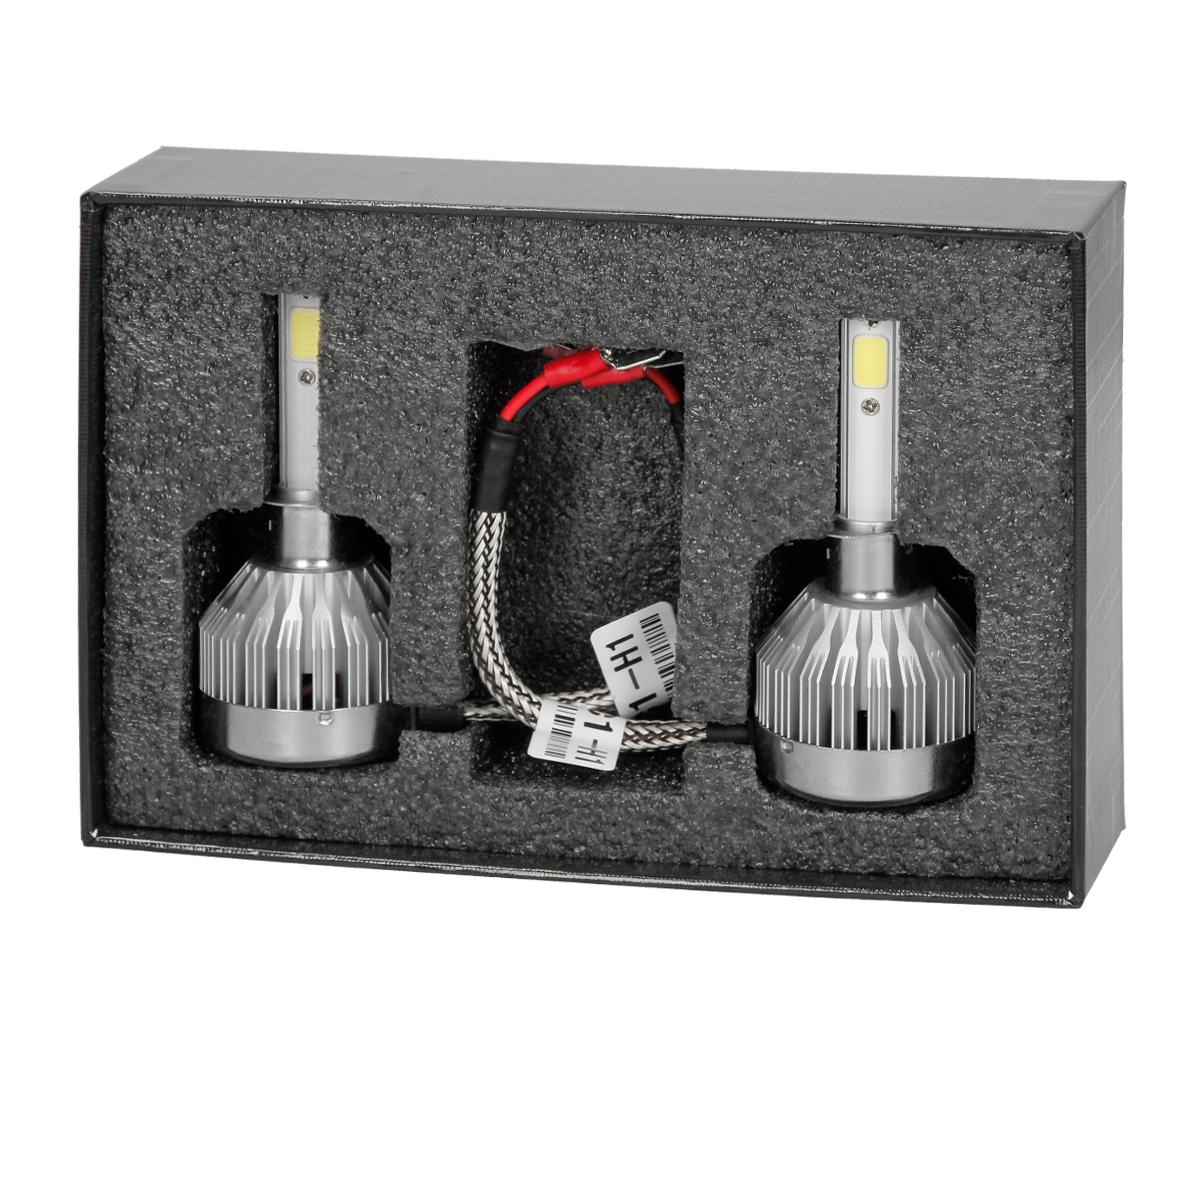 2 x h1 h3 h4 h7 30w led birne auto scheinwerfer lichter leuchtmittel cob 6000k ebay. Black Bedroom Furniture Sets. Home Design Ideas